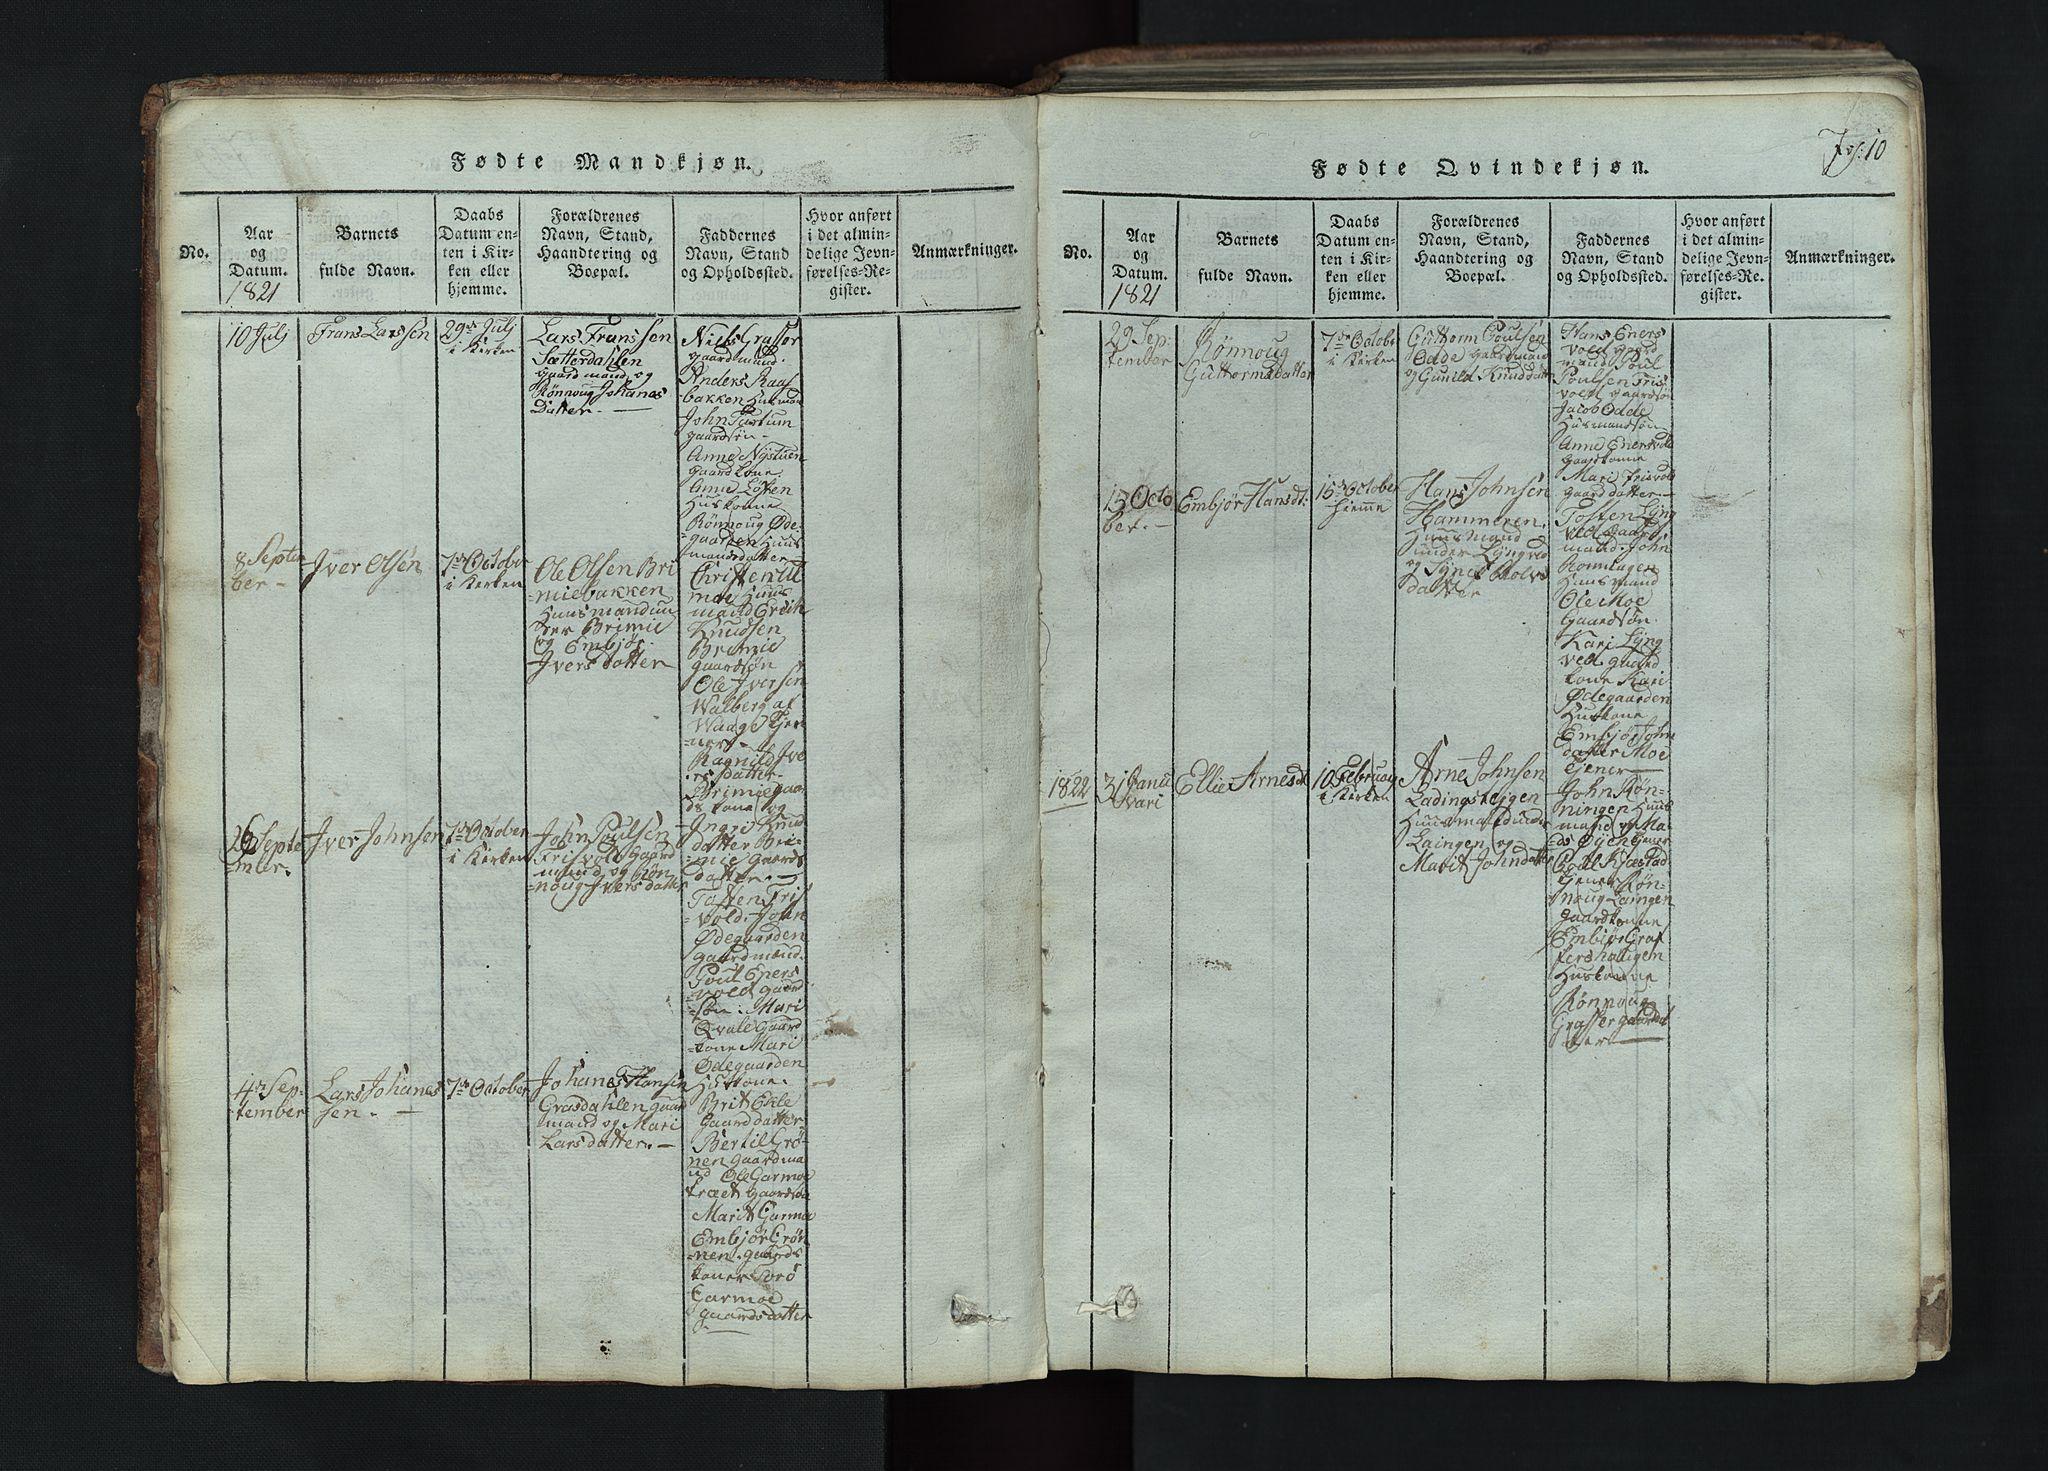 SAH, Lom prestekontor, L/L0002: Klokkerbok nr. 2, 1815-1844, s. 10